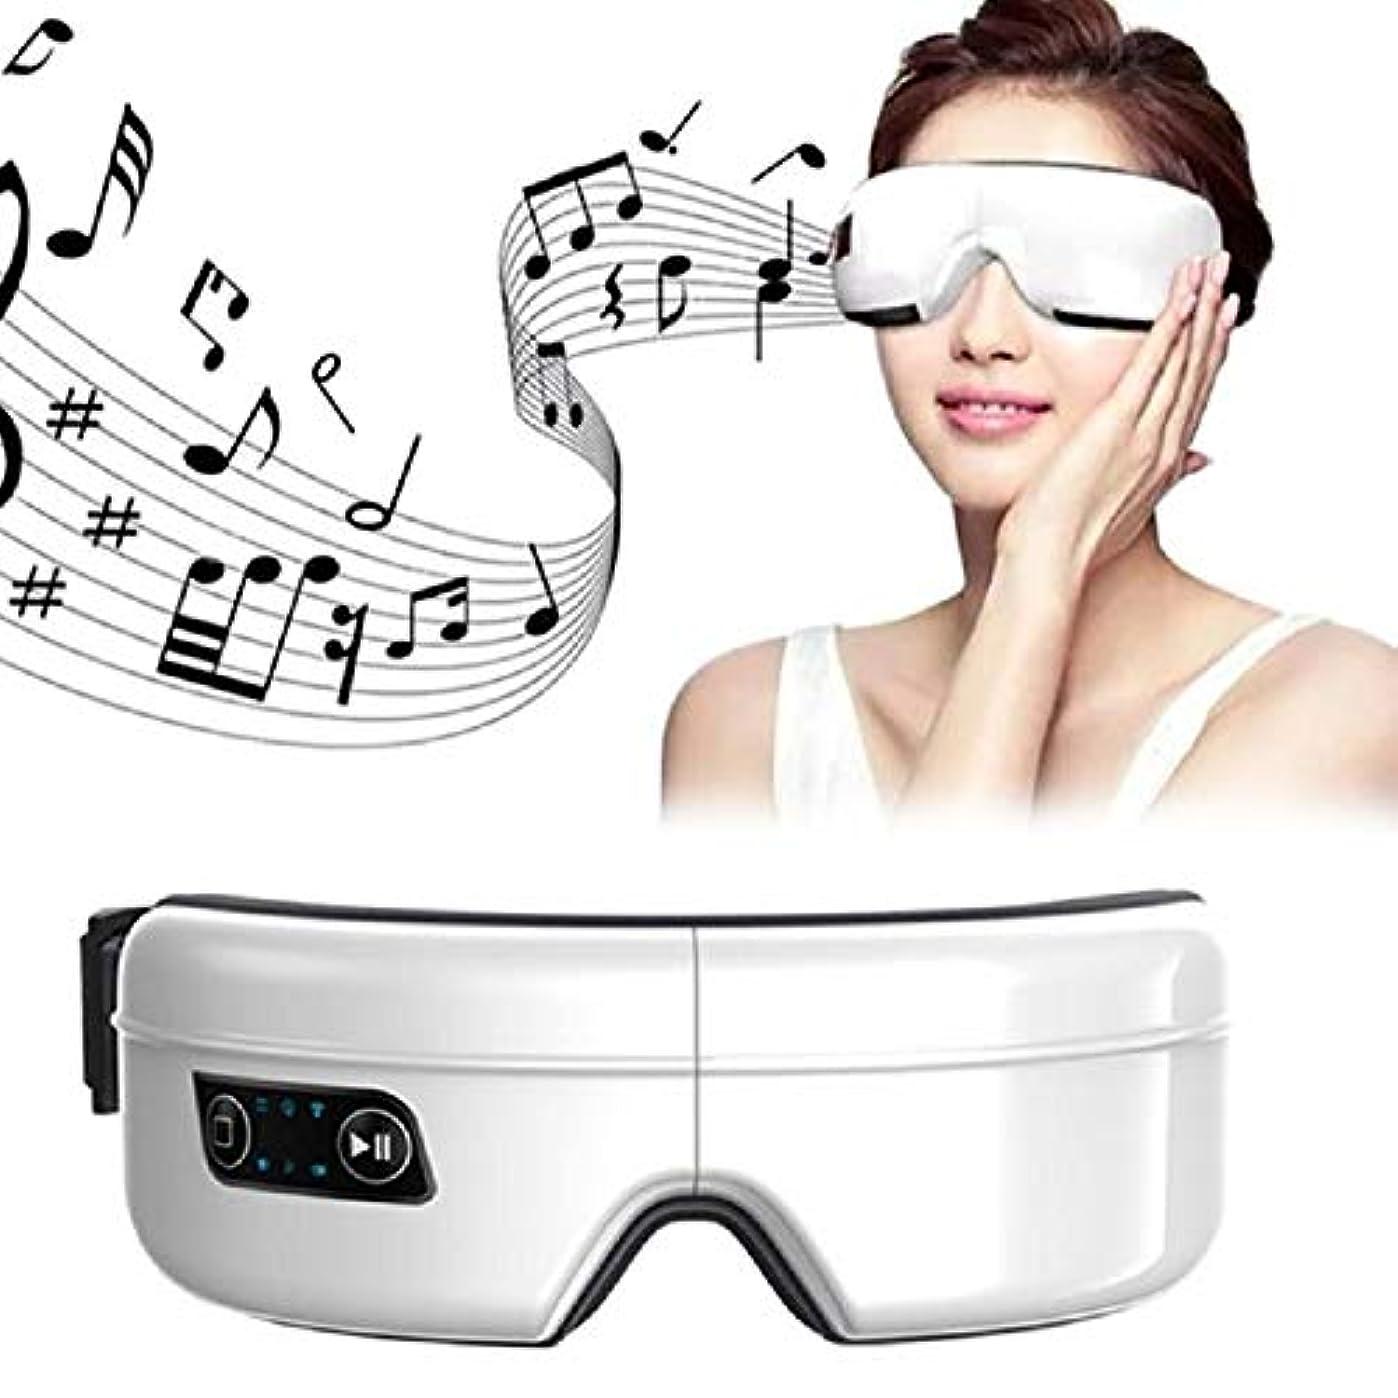 ウェーハ物理的なスペインRuzzy 高度な電気ワイヤレスアイマッサージSPAの楽器、音楽充電式美容ツール 購入へようこそ